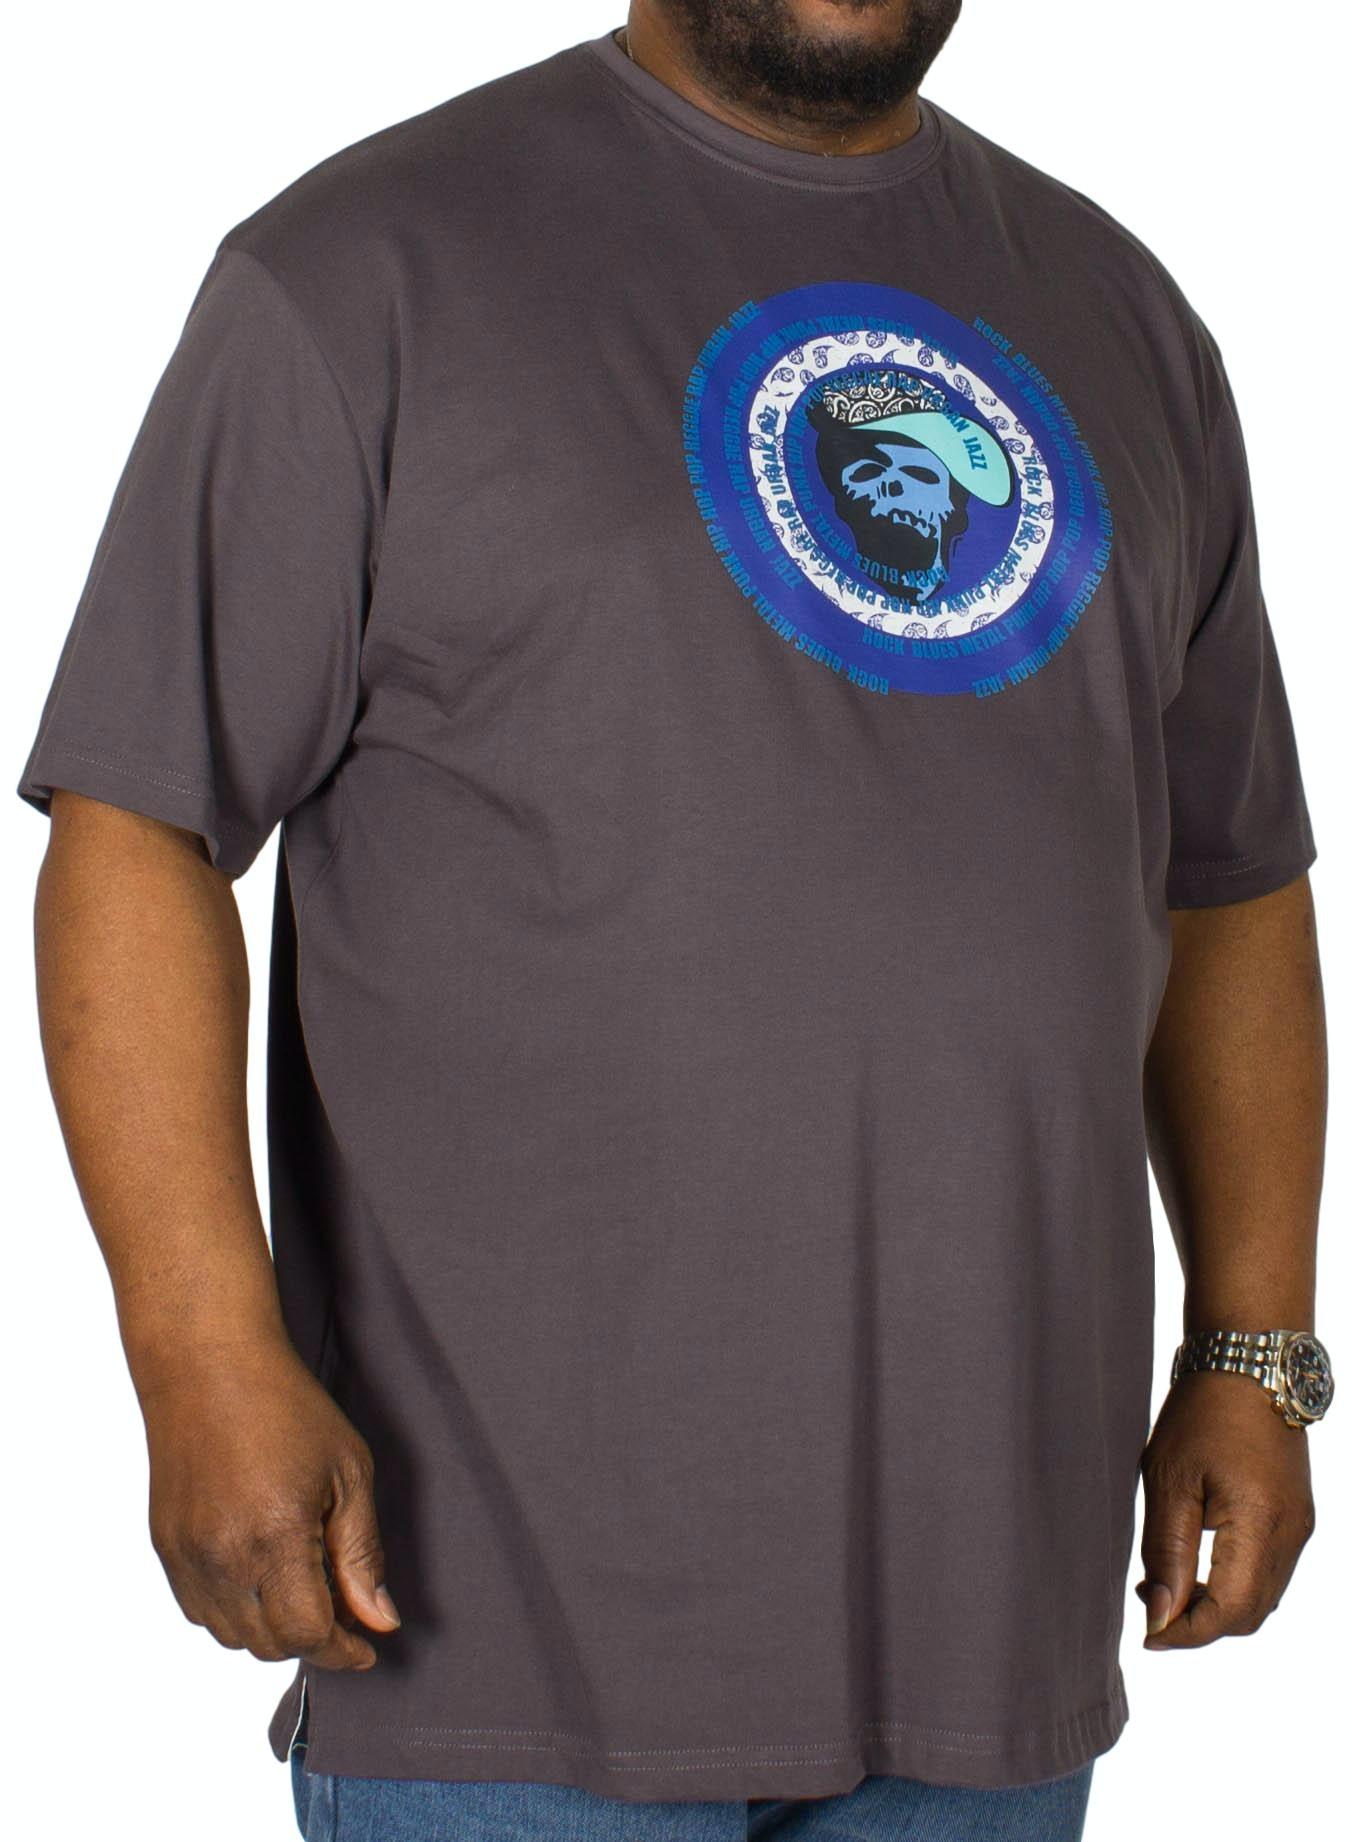 Cotton Valley Paisley Circles Printed T-Shirt Charcoal